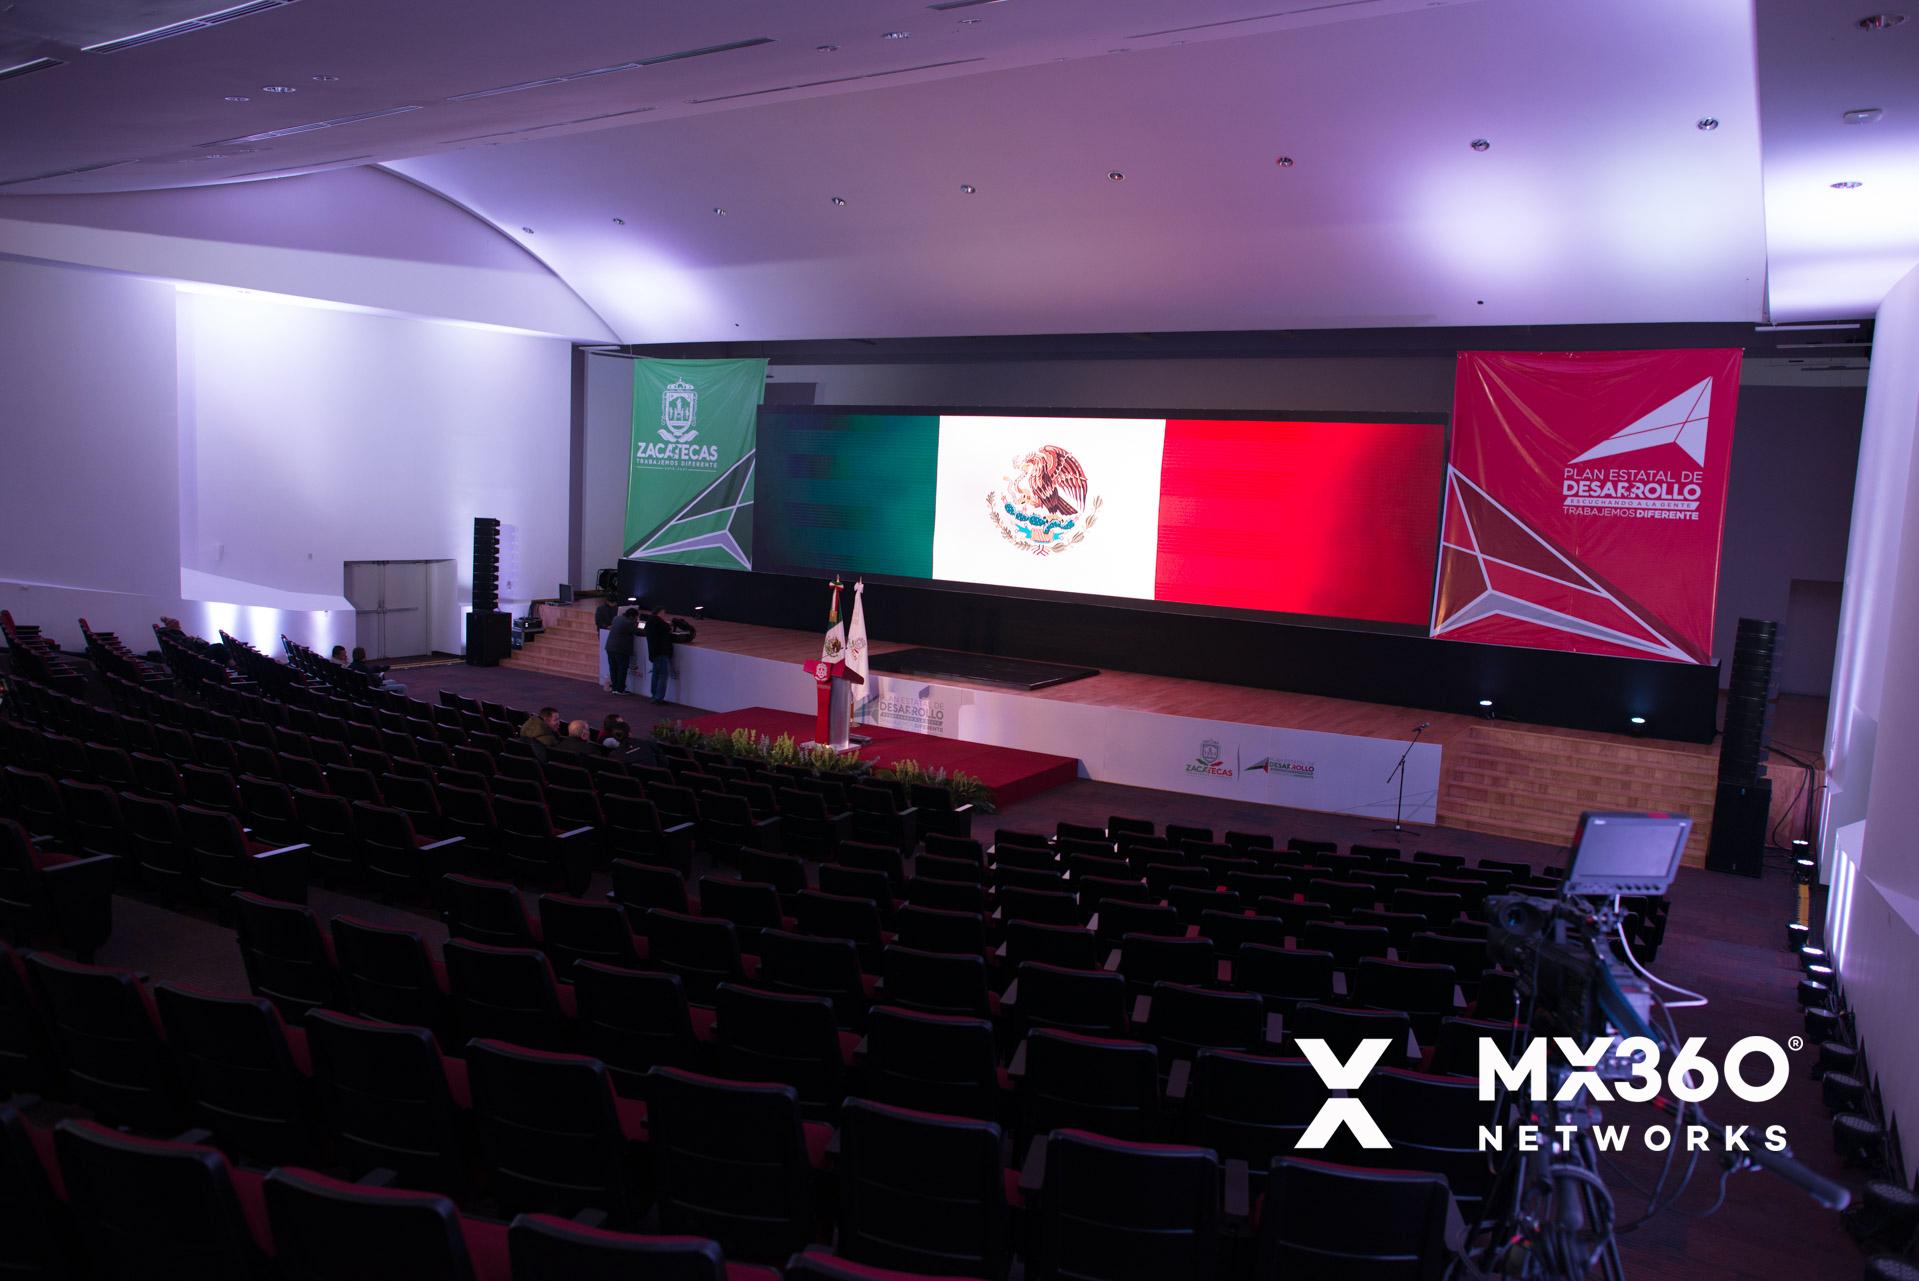 Renta de panatallas de led, animación 2d y 3d, diseño de escenario, renta de audio, video e iluminación. eventos corporativos, organización de eventos empresariales en monterrey.